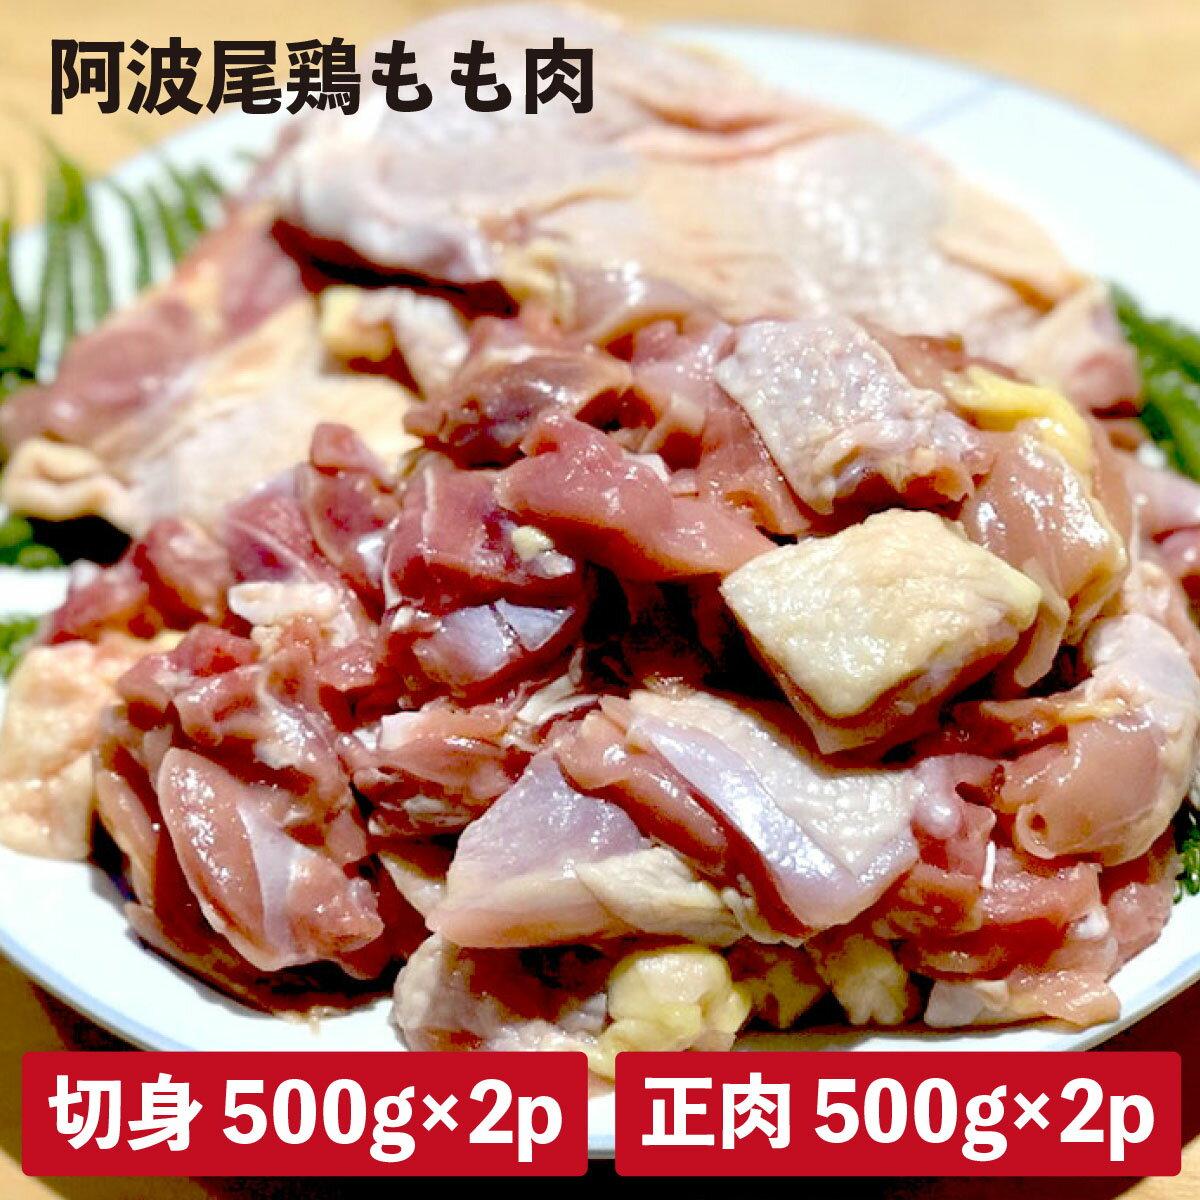 【ふるさと納税】MMT26 【阿波尾鶏のお肉定期便 年2回】 阿波尾鶏もも肉 2キロ 年2回お届け